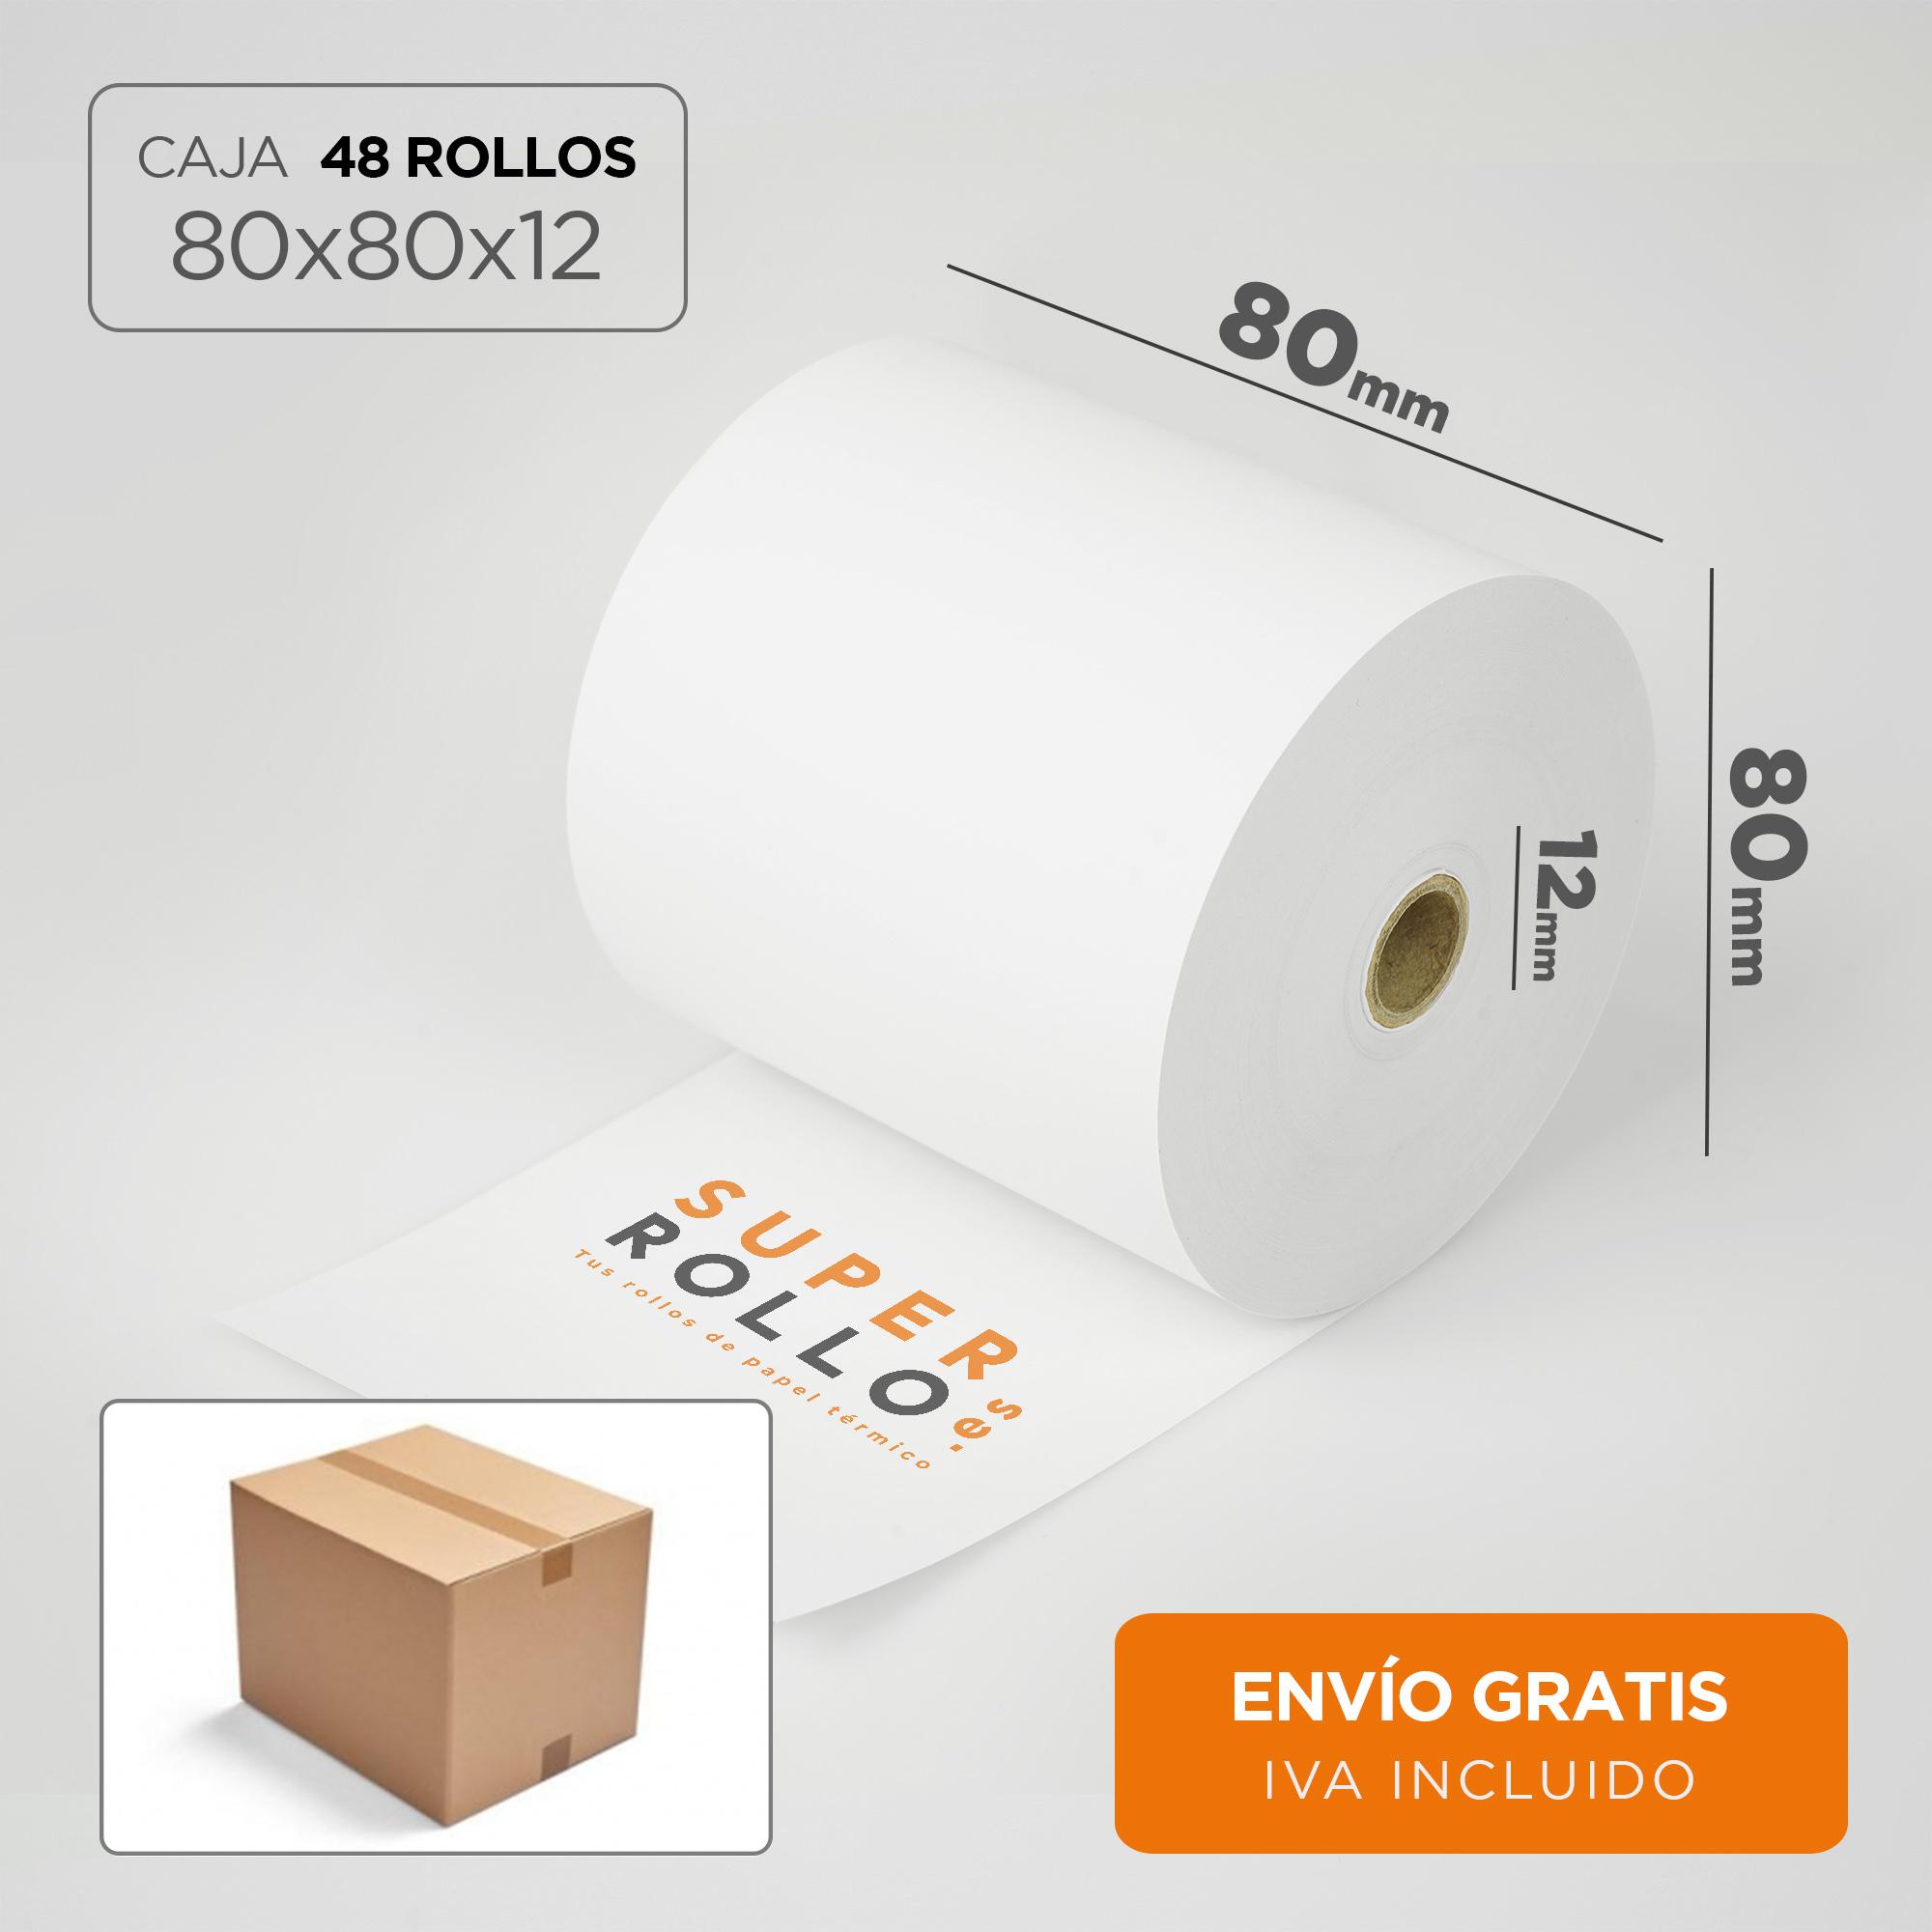 CAJA_48-ROLLOS_80x60x12